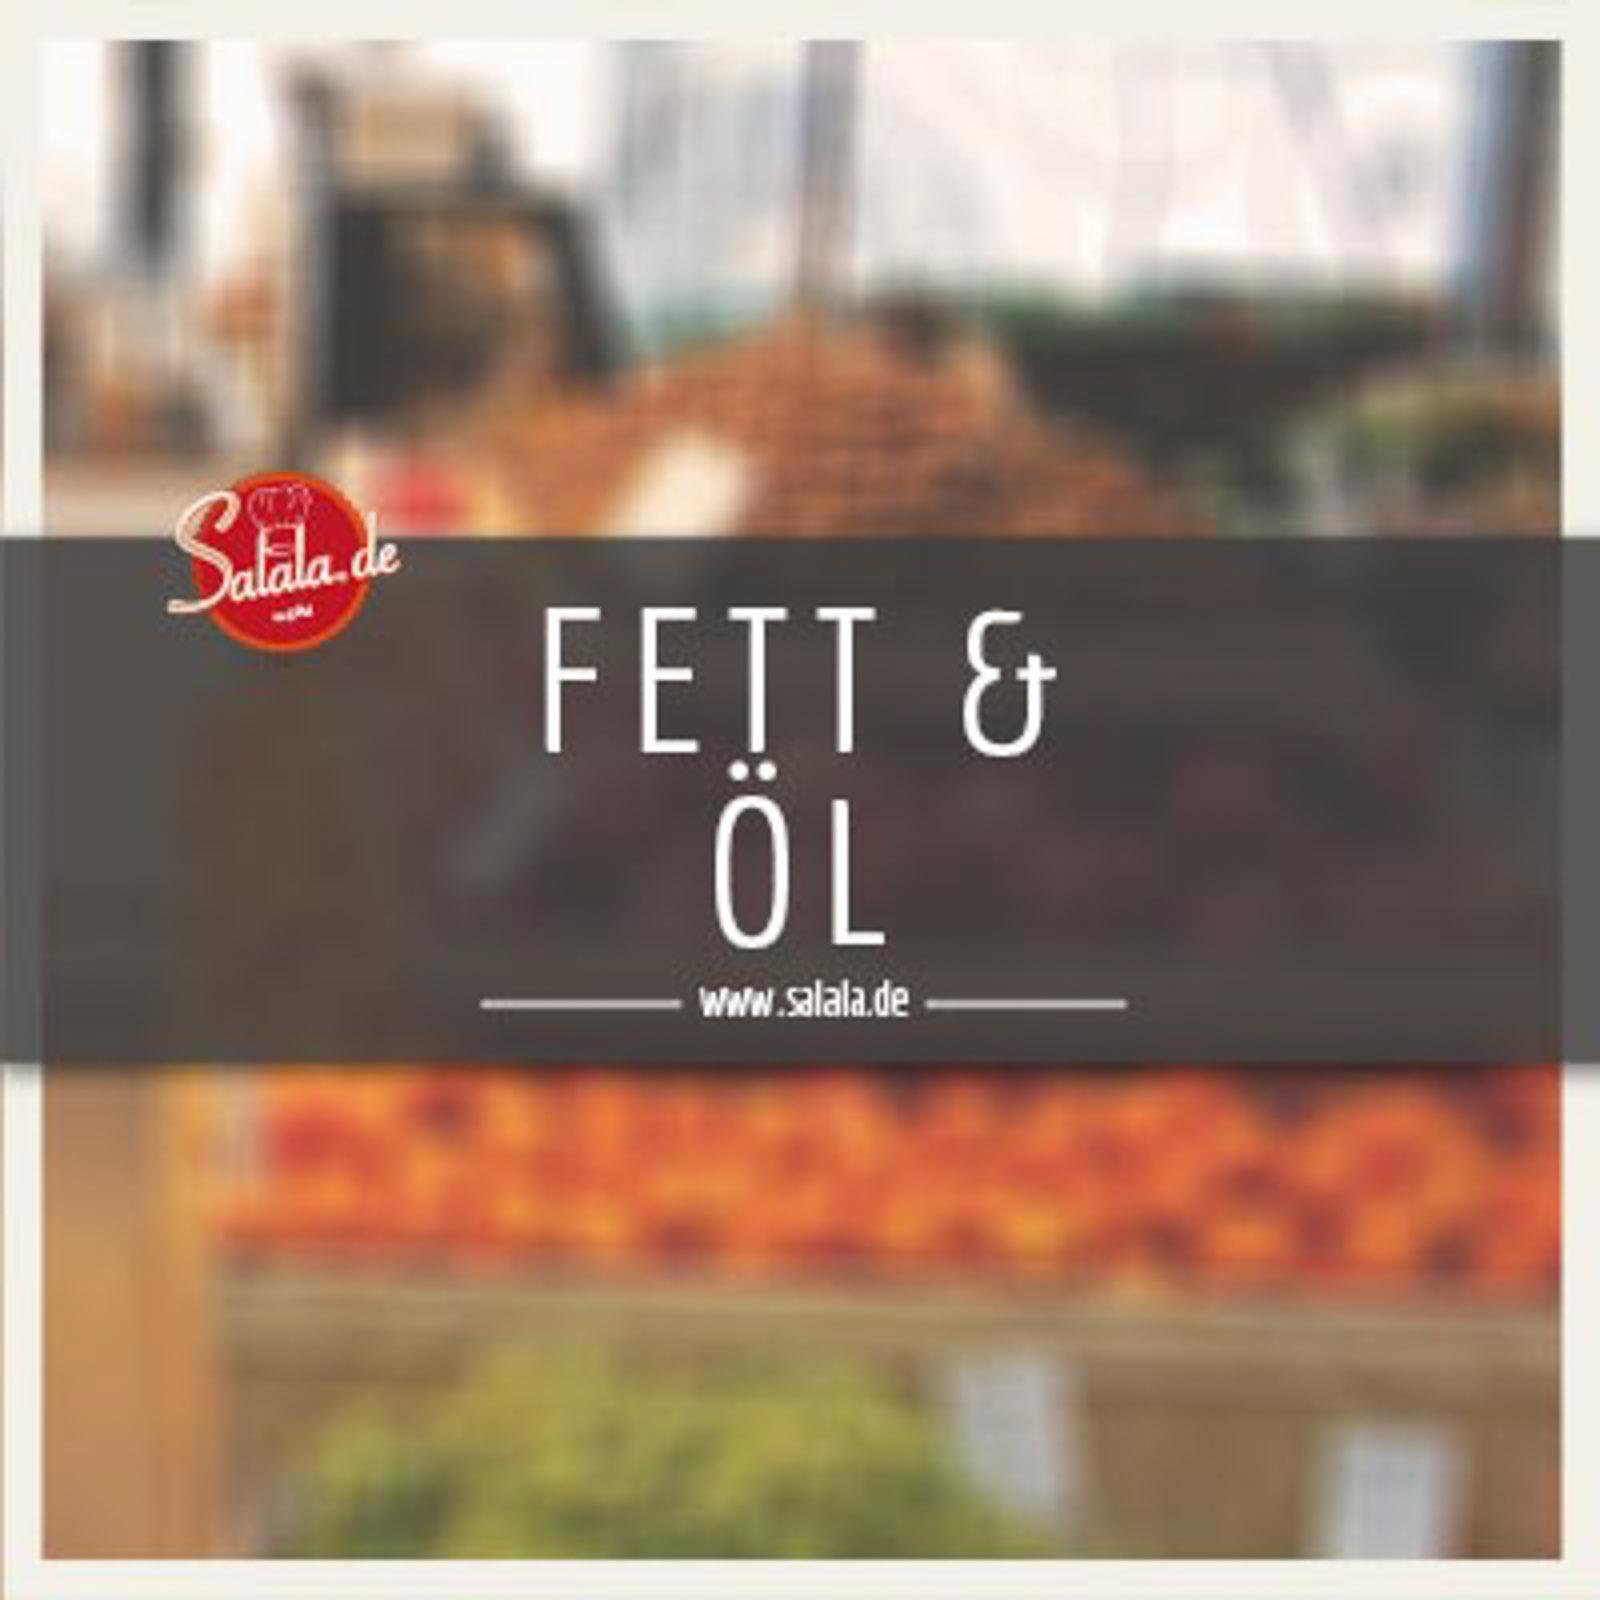 Fett & Öl